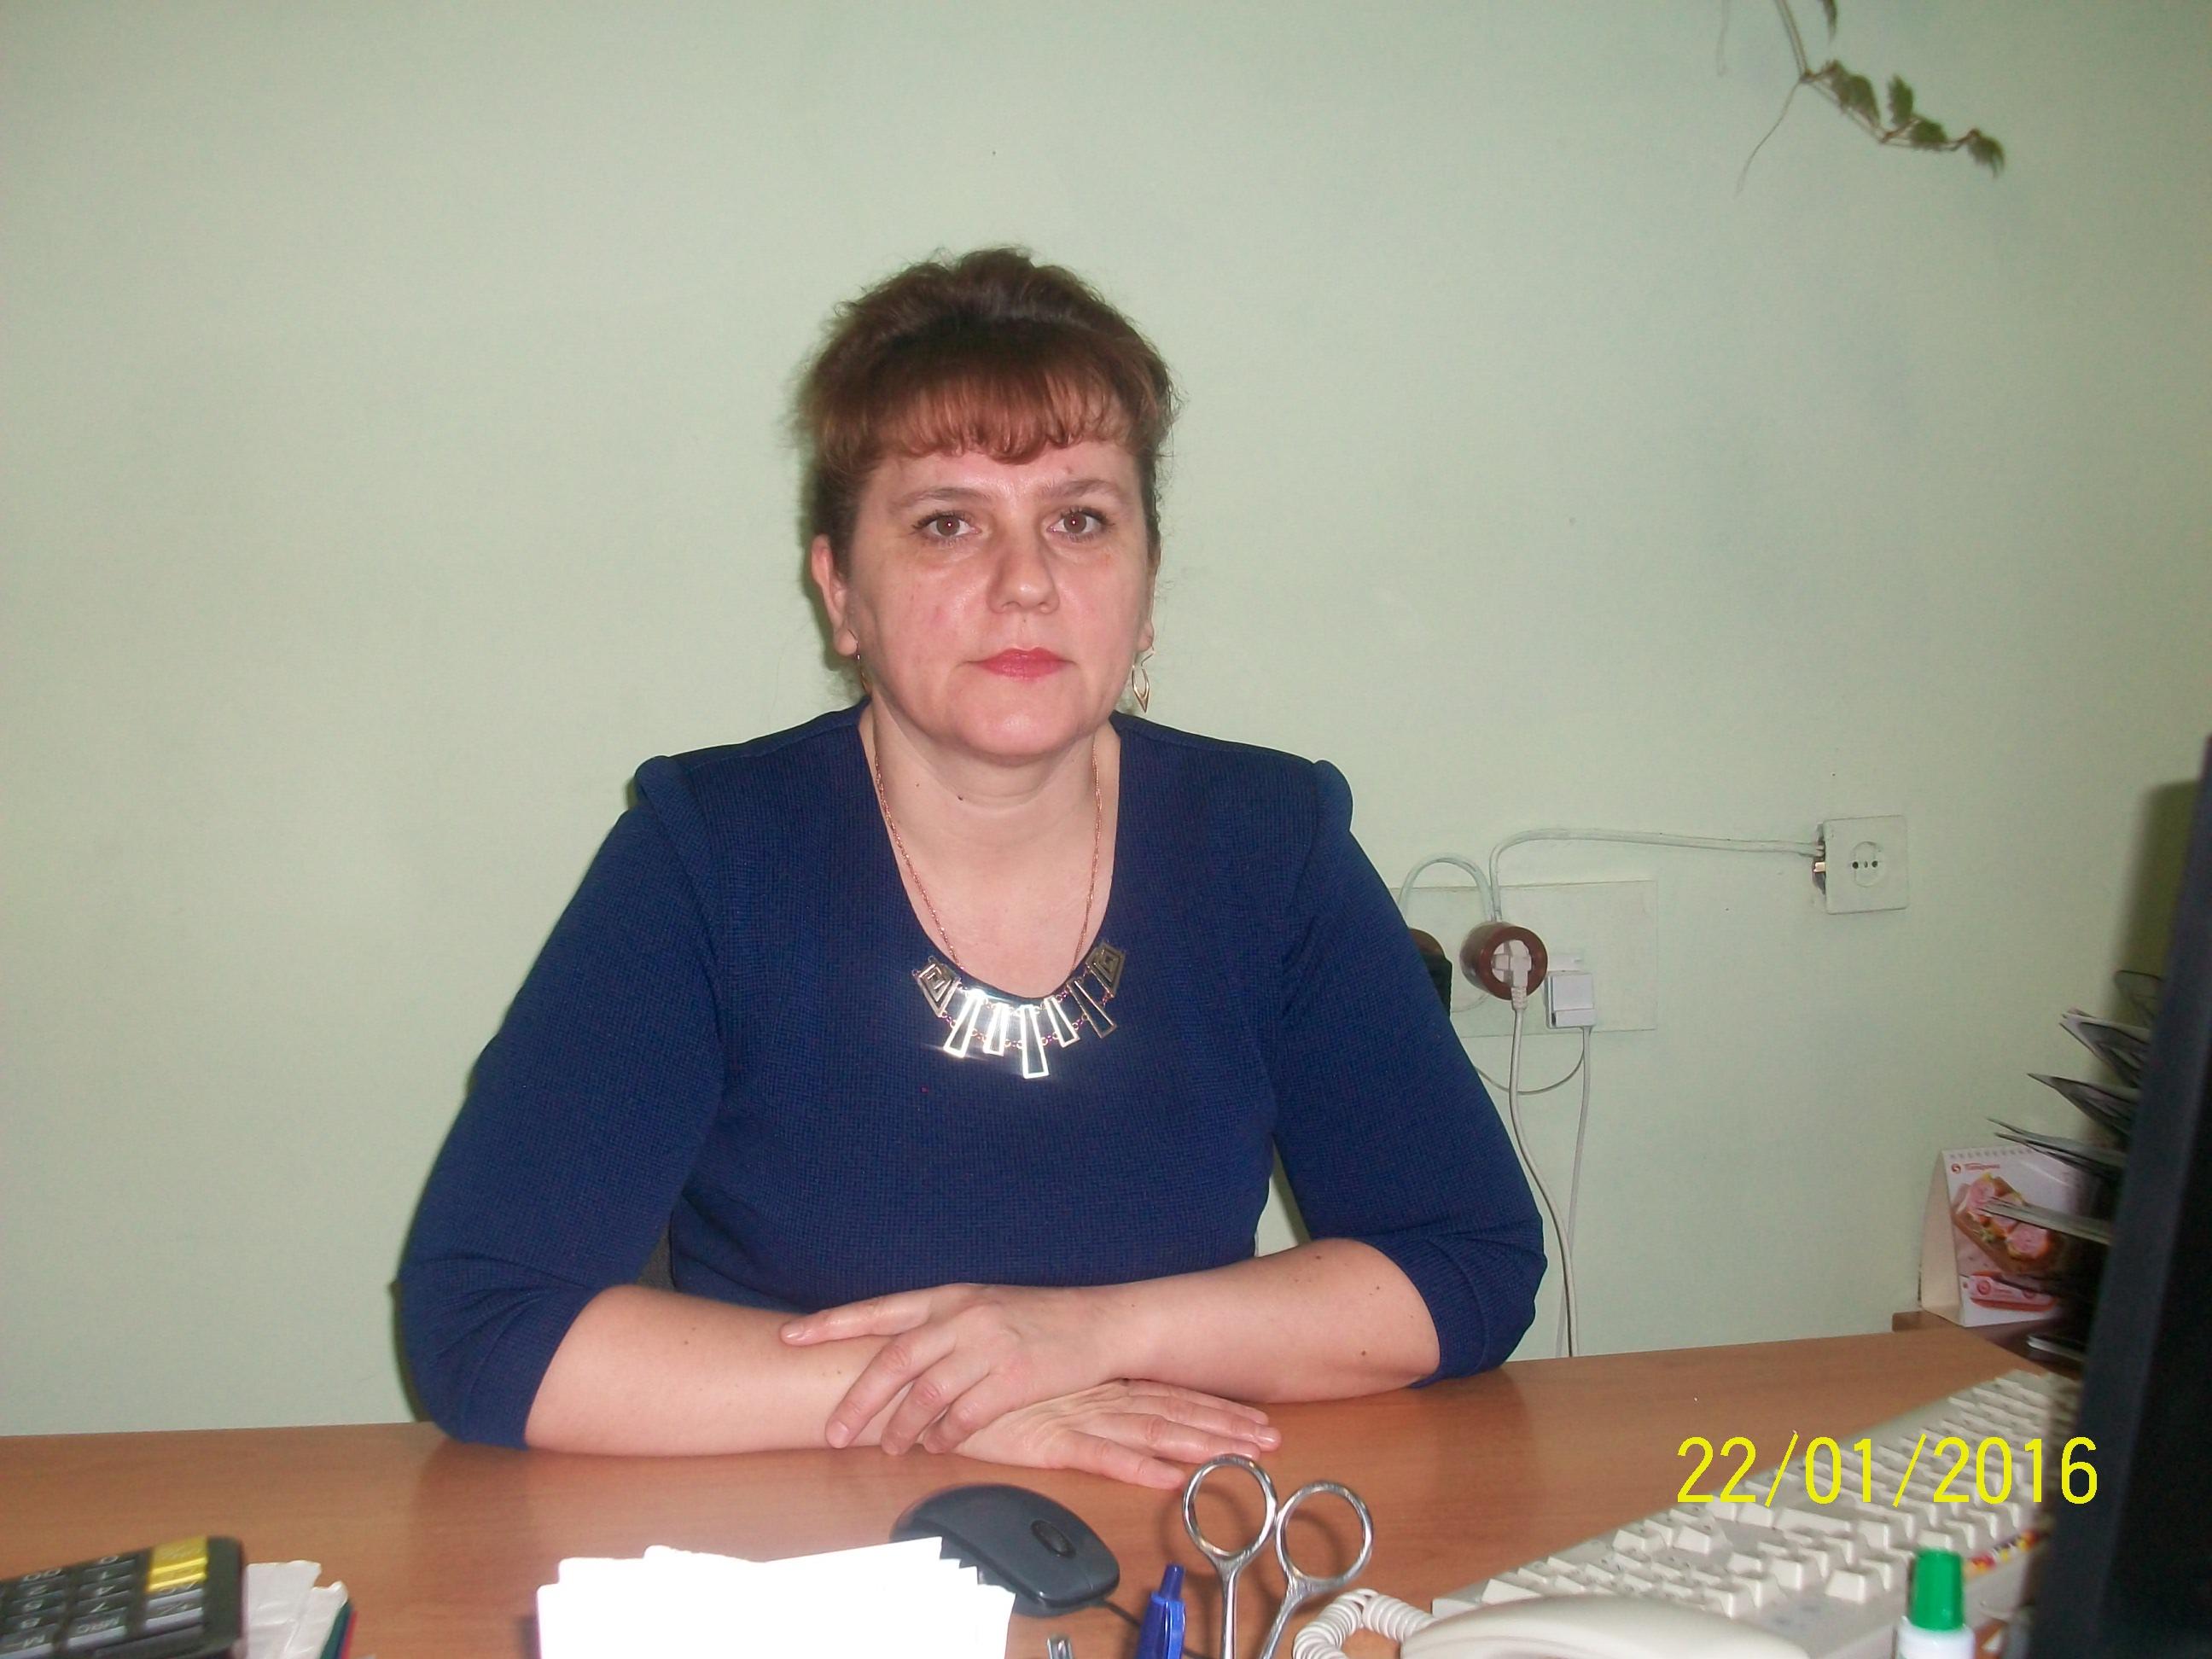 Контрольно ревизионная комиссия муниципального образования  Контрольно ревизионная комиссия муниципального образования Ершичский район Смоленской области